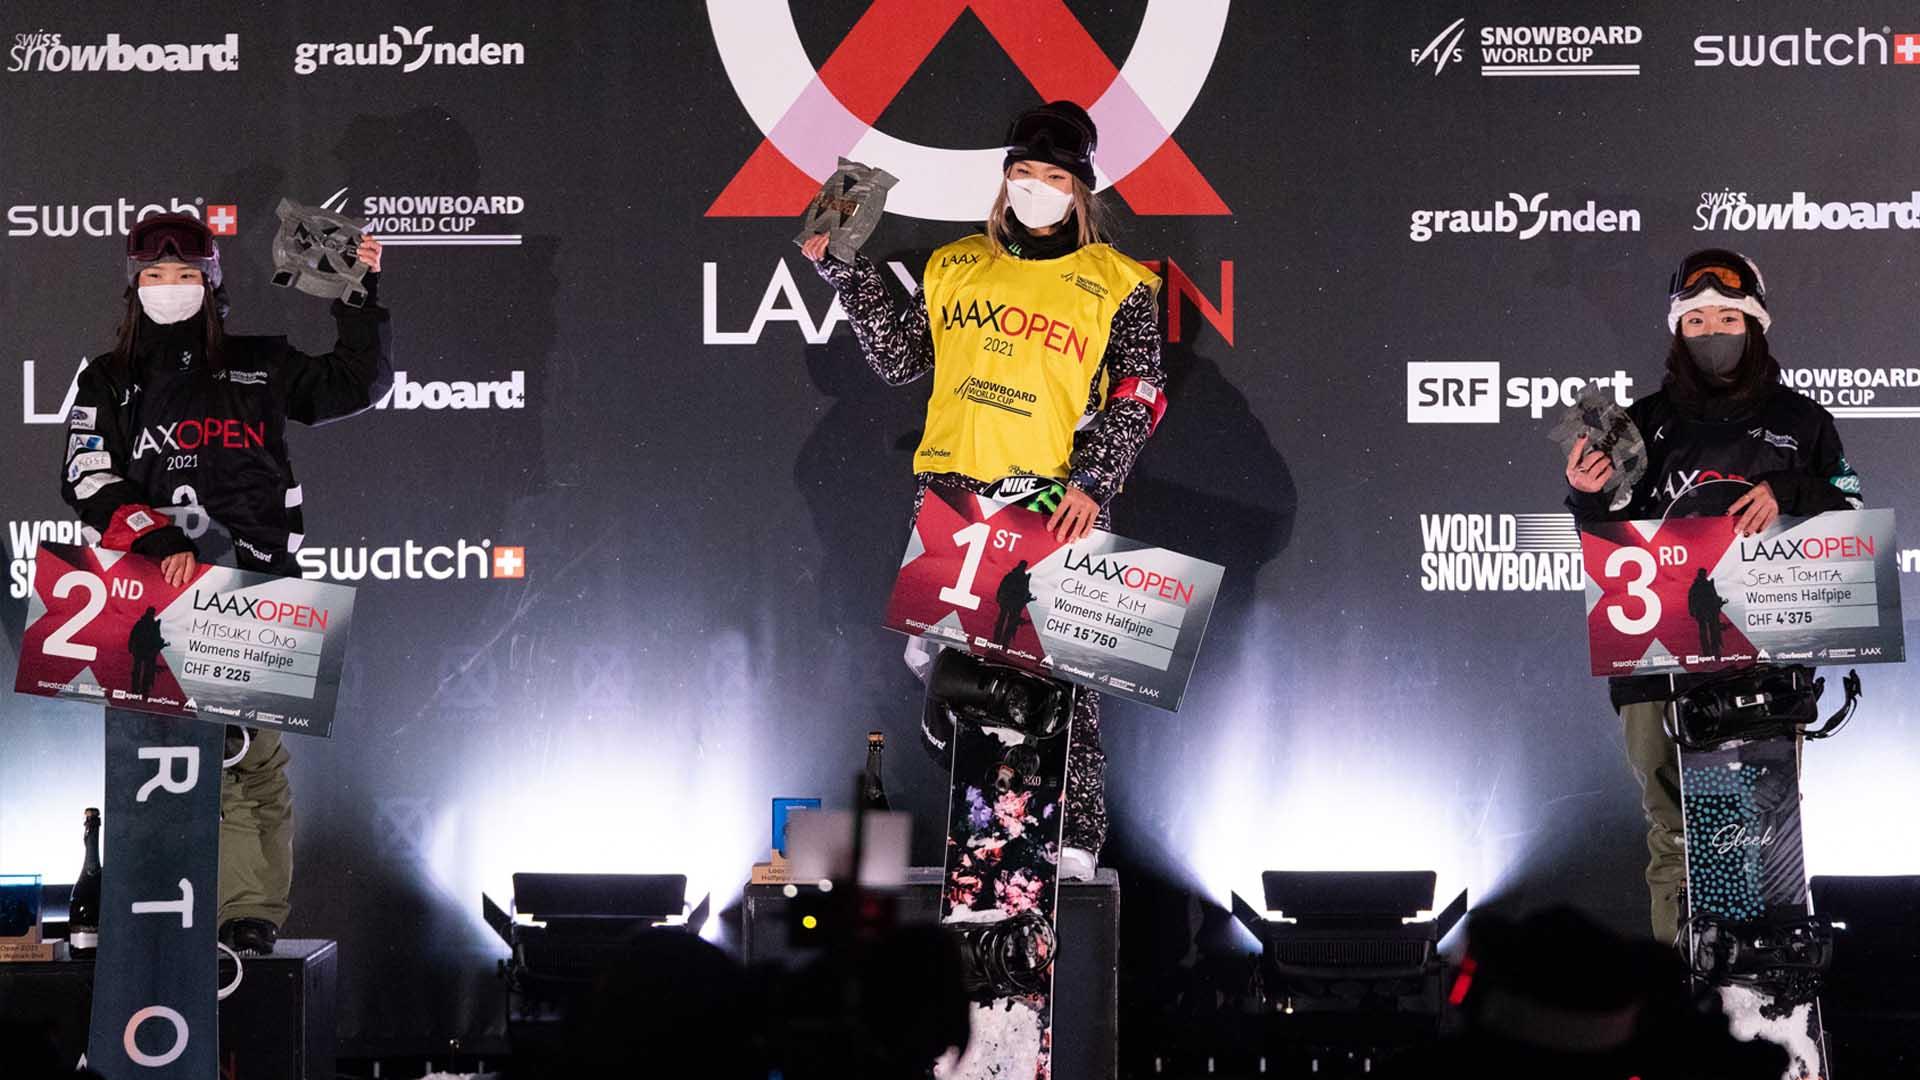 클로이 김, 2년 만에 출전한 스노보드 월드컵 우승